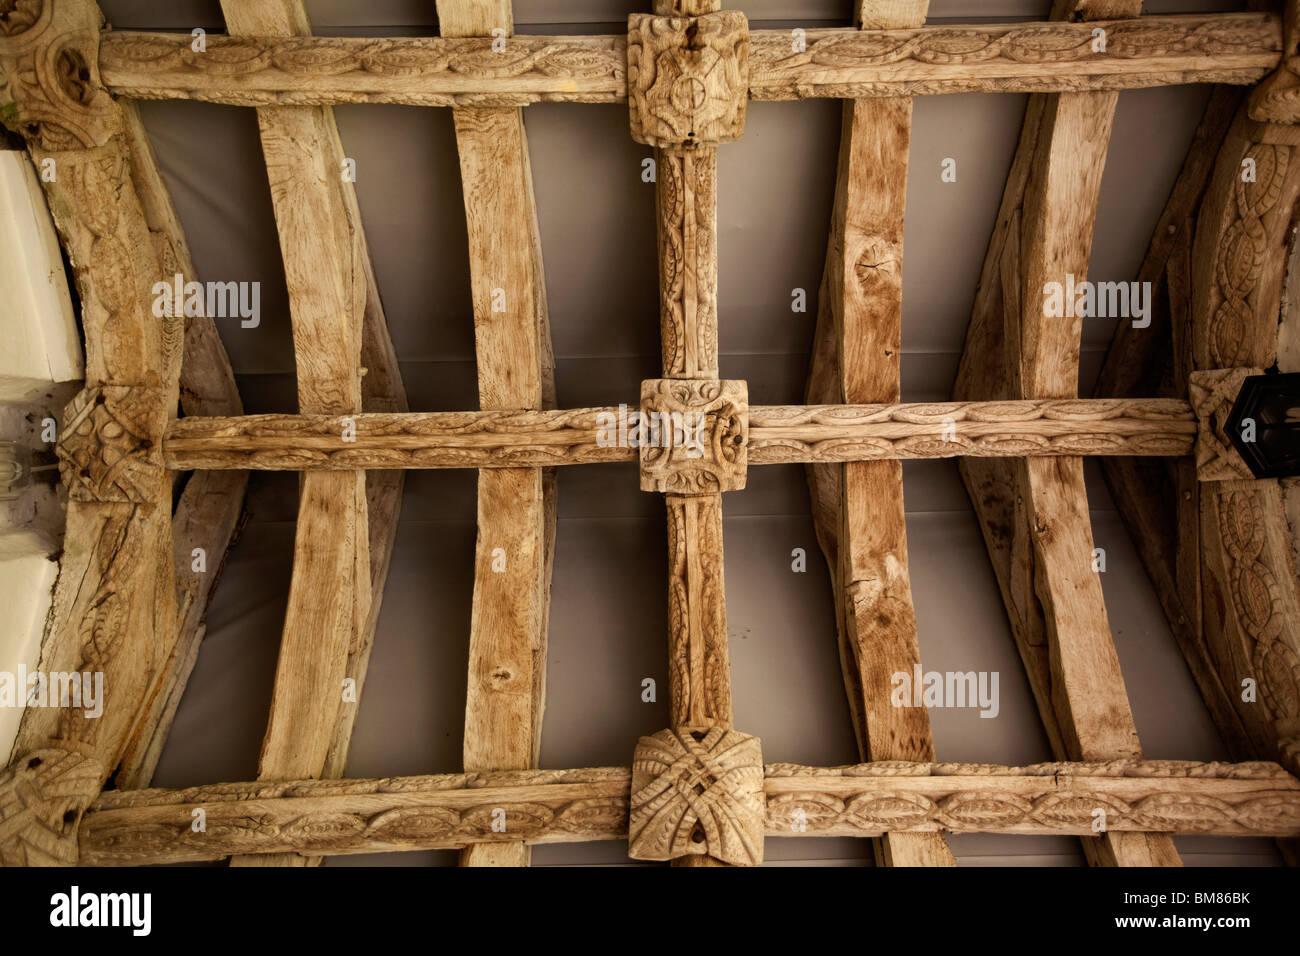 UK, Cornwall, Laneast, église de St Sidwell et St Gulval, porche, un chêne de structure du toit Photo Stock